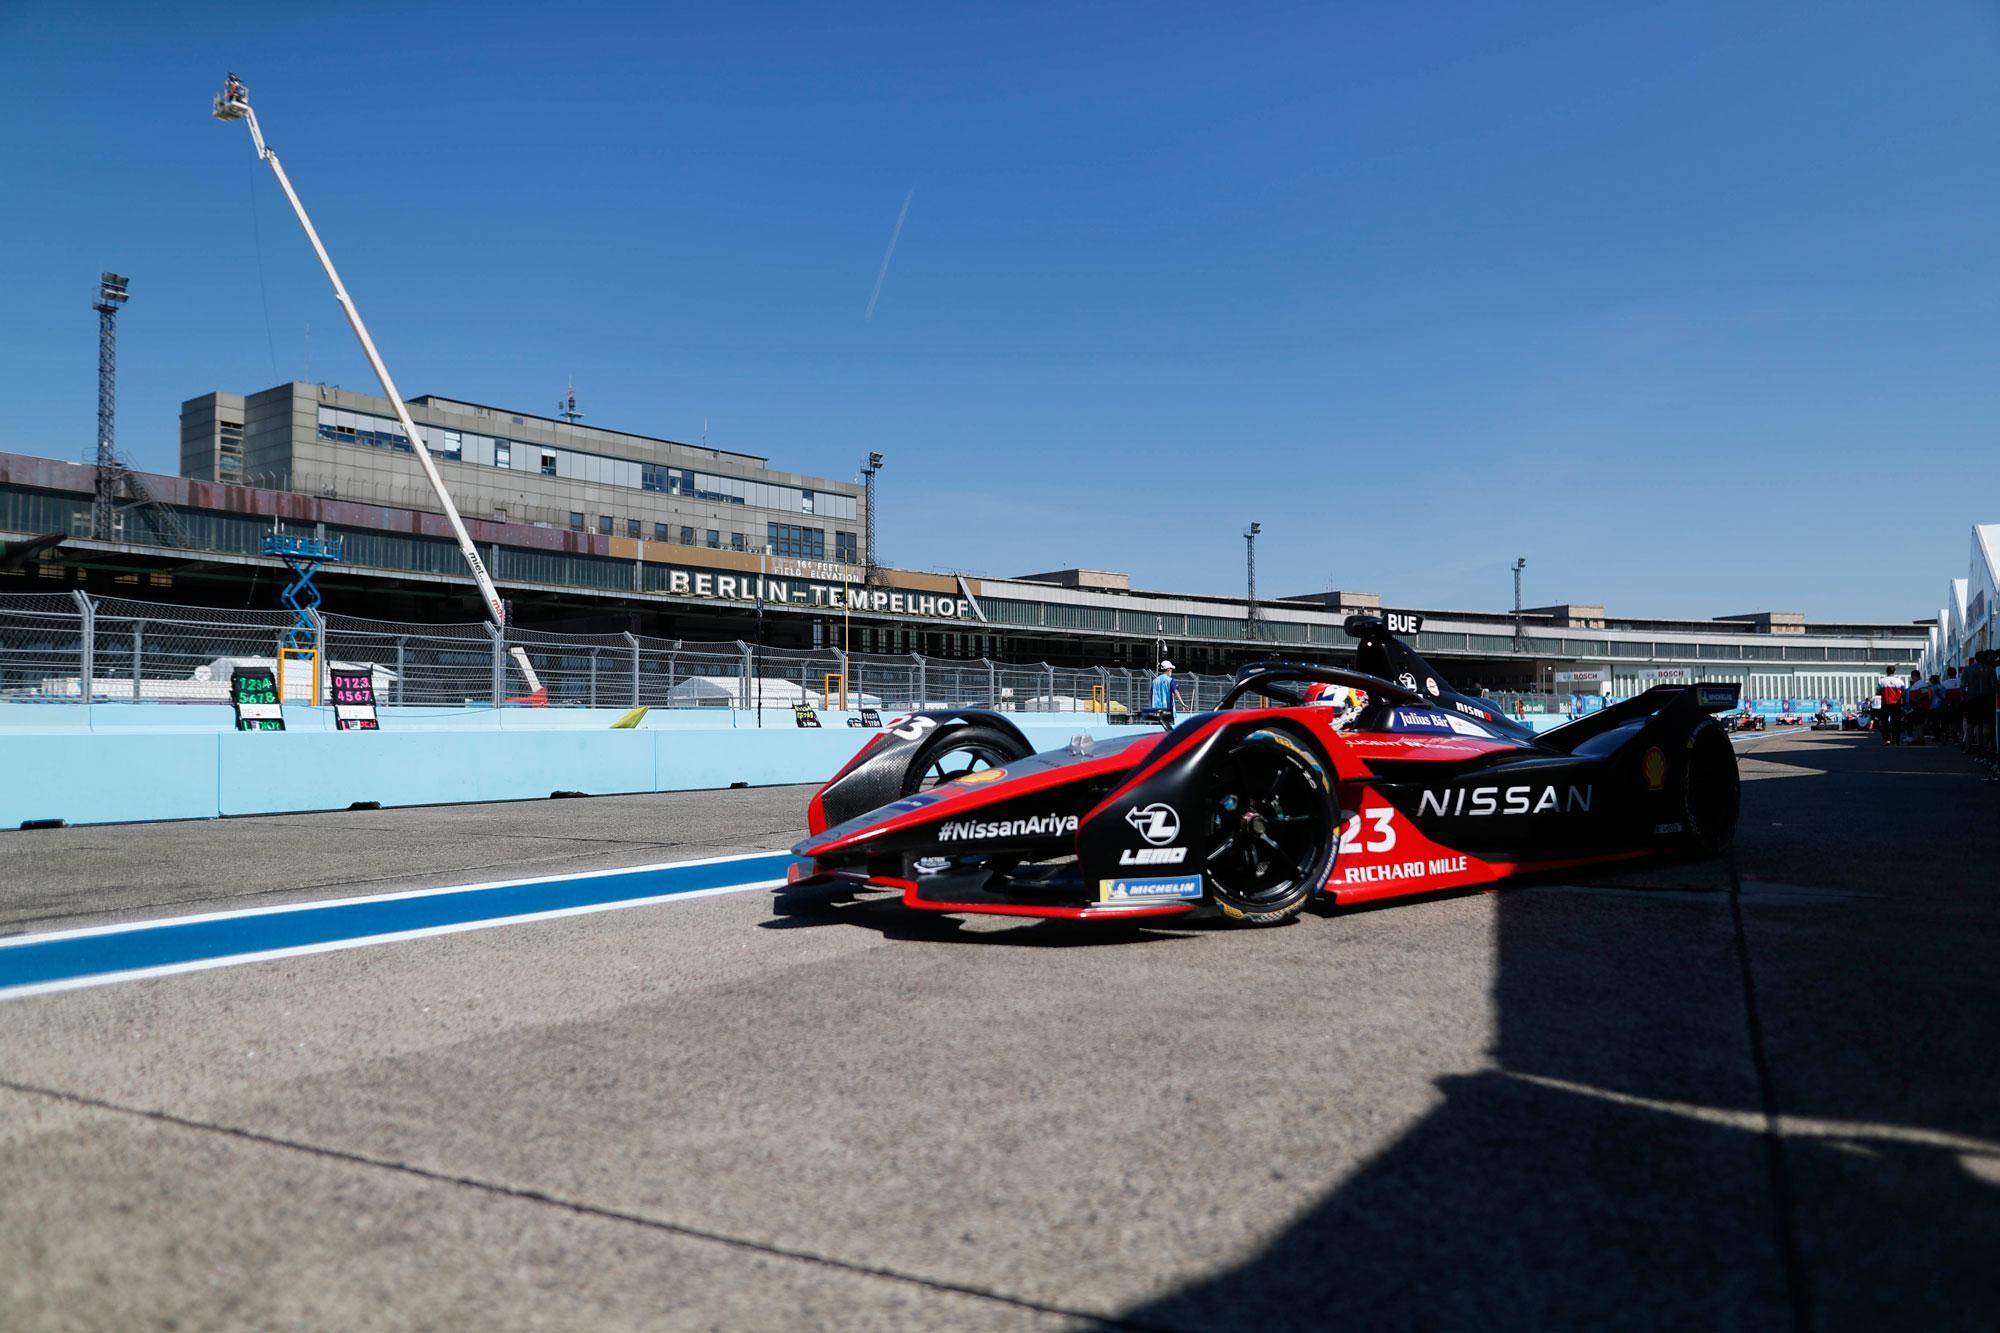 Η Nissan e.dams σημειώνει την πρώτη νίκη της στους τελικούς αγώνες της Formula E, στο Βερολίνο